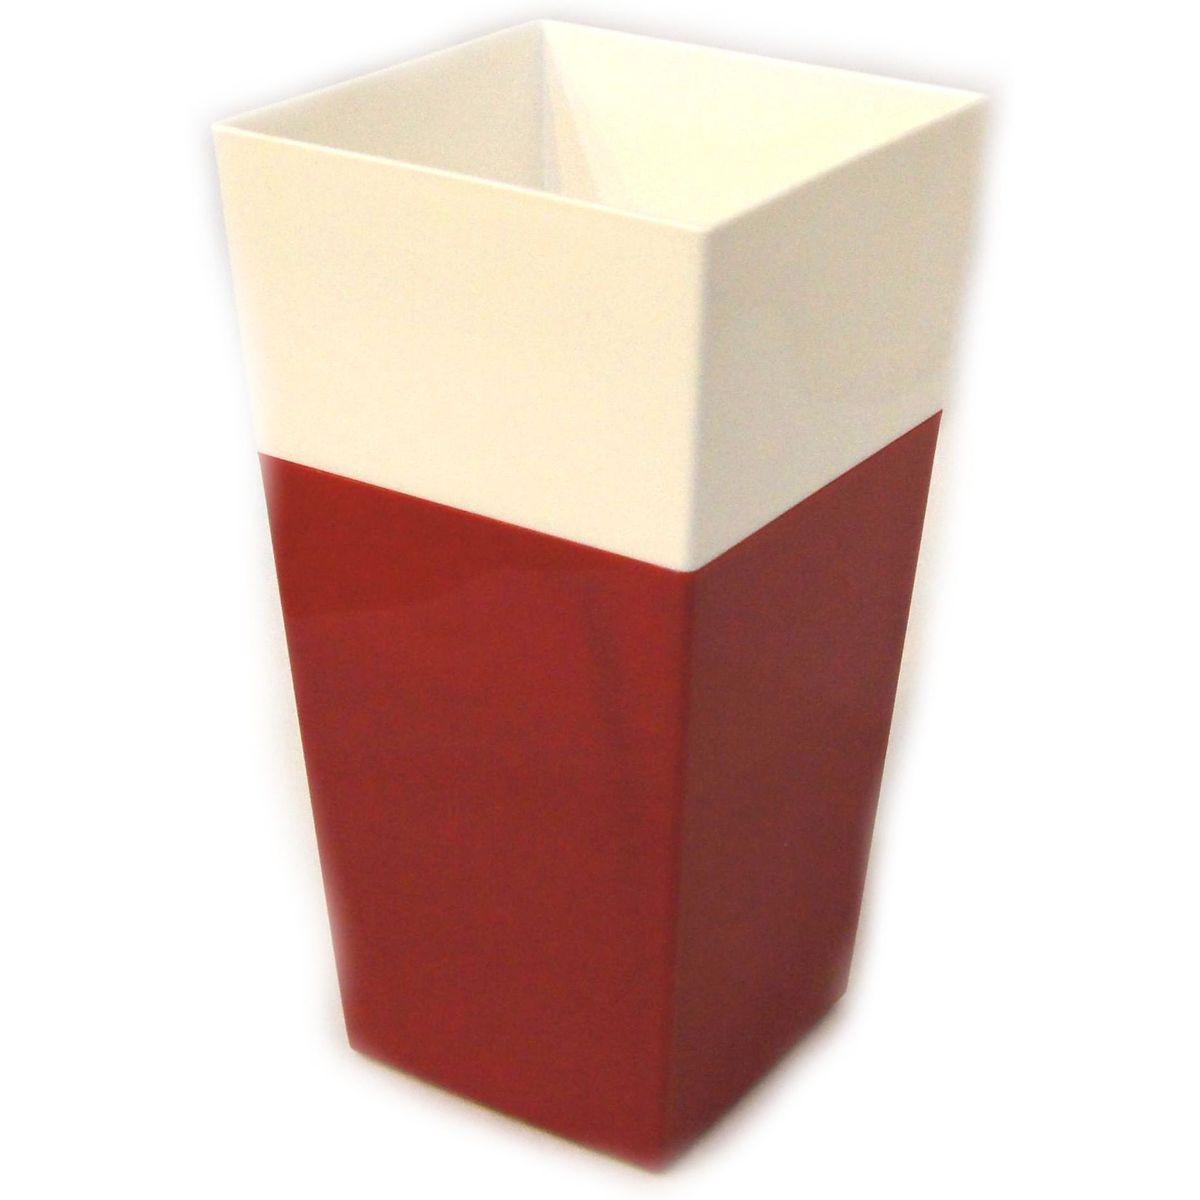 Кашпо JetPlast Дуэт 340, цвет: красный, белый, 18 x 18 x 34 см4612754052615Горшок имеет строгий дизайн и состоит из двух частей: верхней части для цветка и нижней – поддона. Конструкция горшка позволяет, при желании, использовать систему фитильного полива, снабдив горшок веревкой.